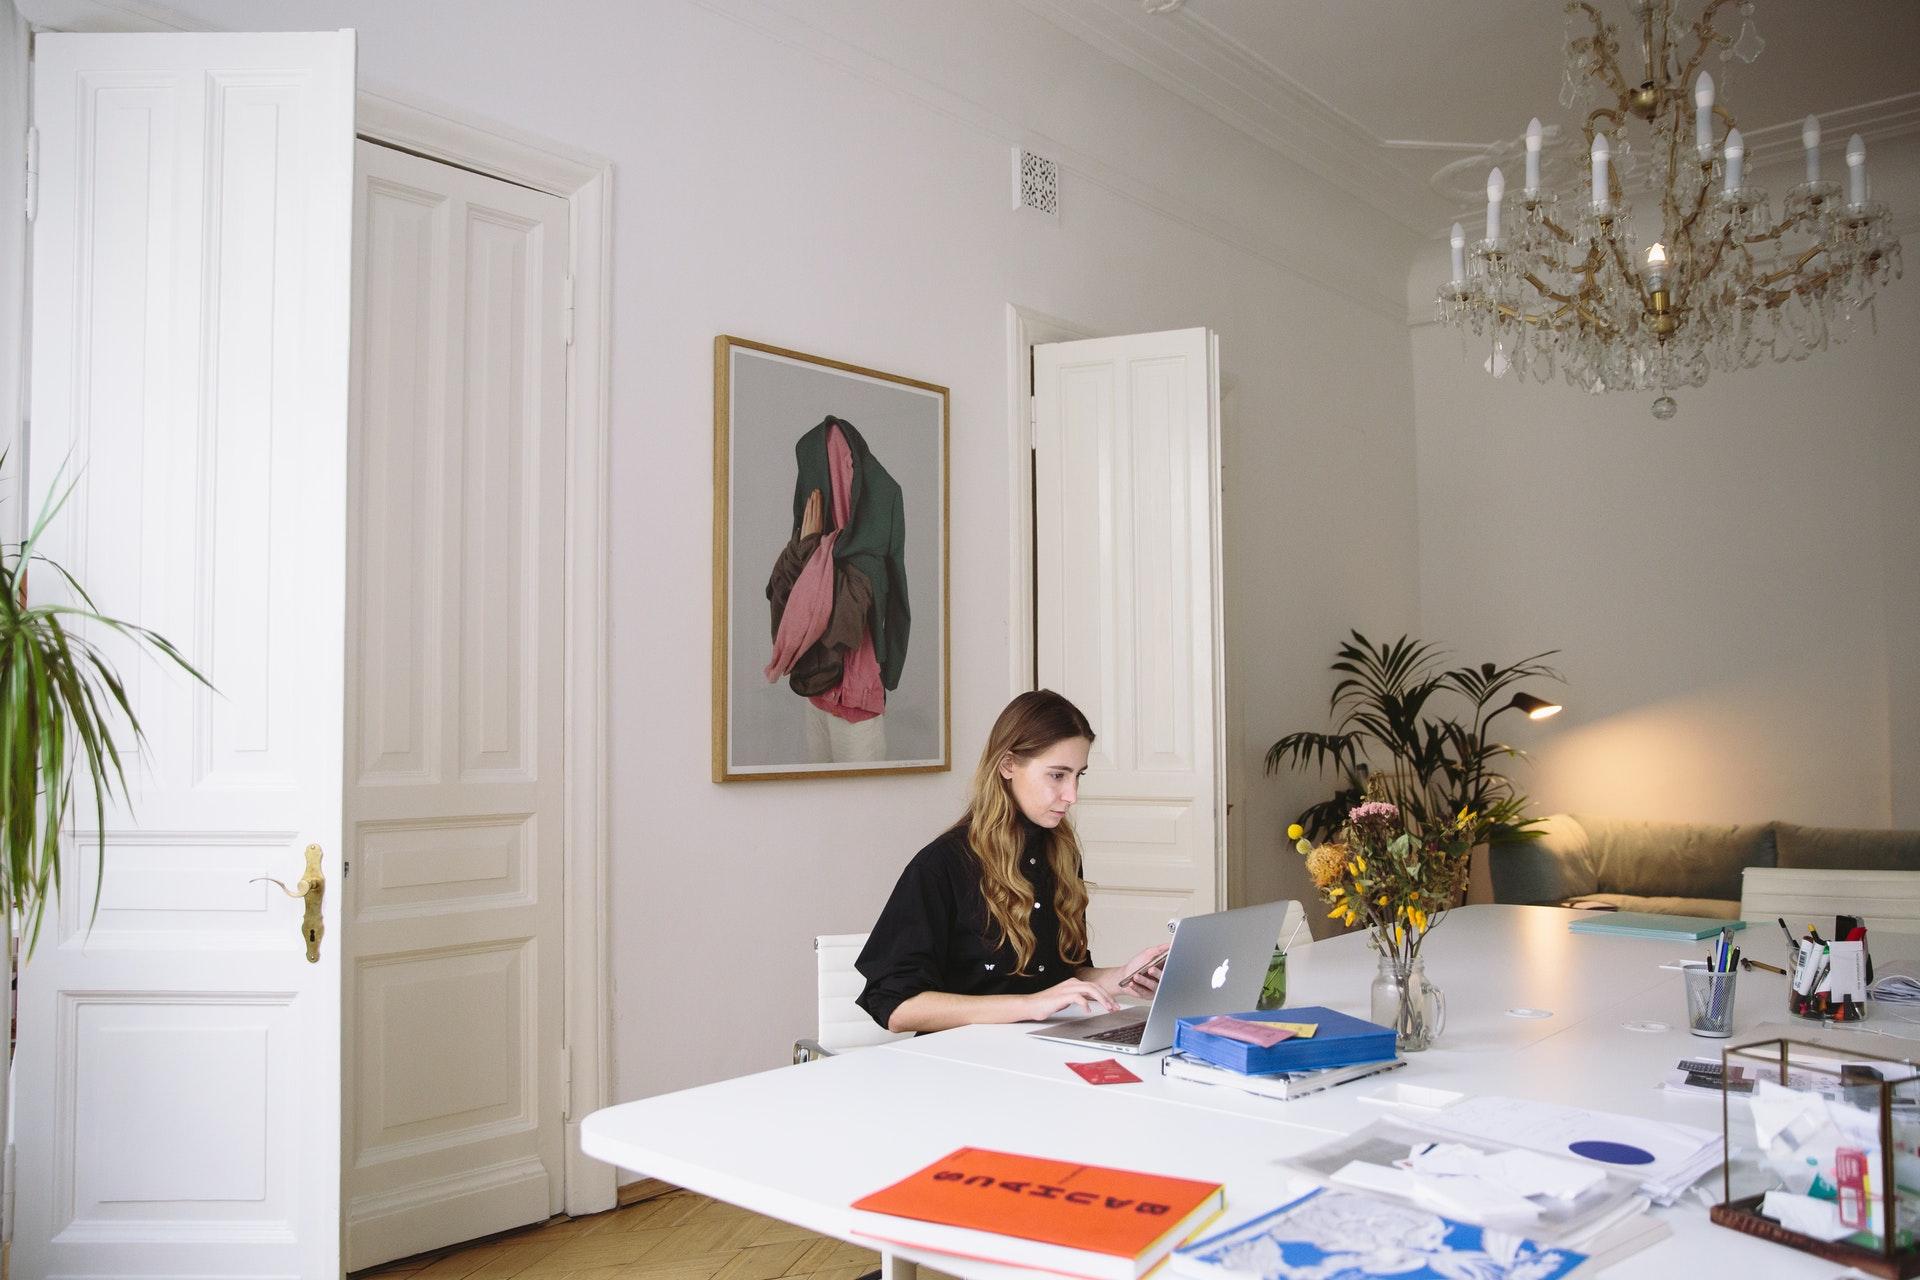 Vemos uma mulher trabalhando em um computador na sala de casa (imagem ilustrativa).